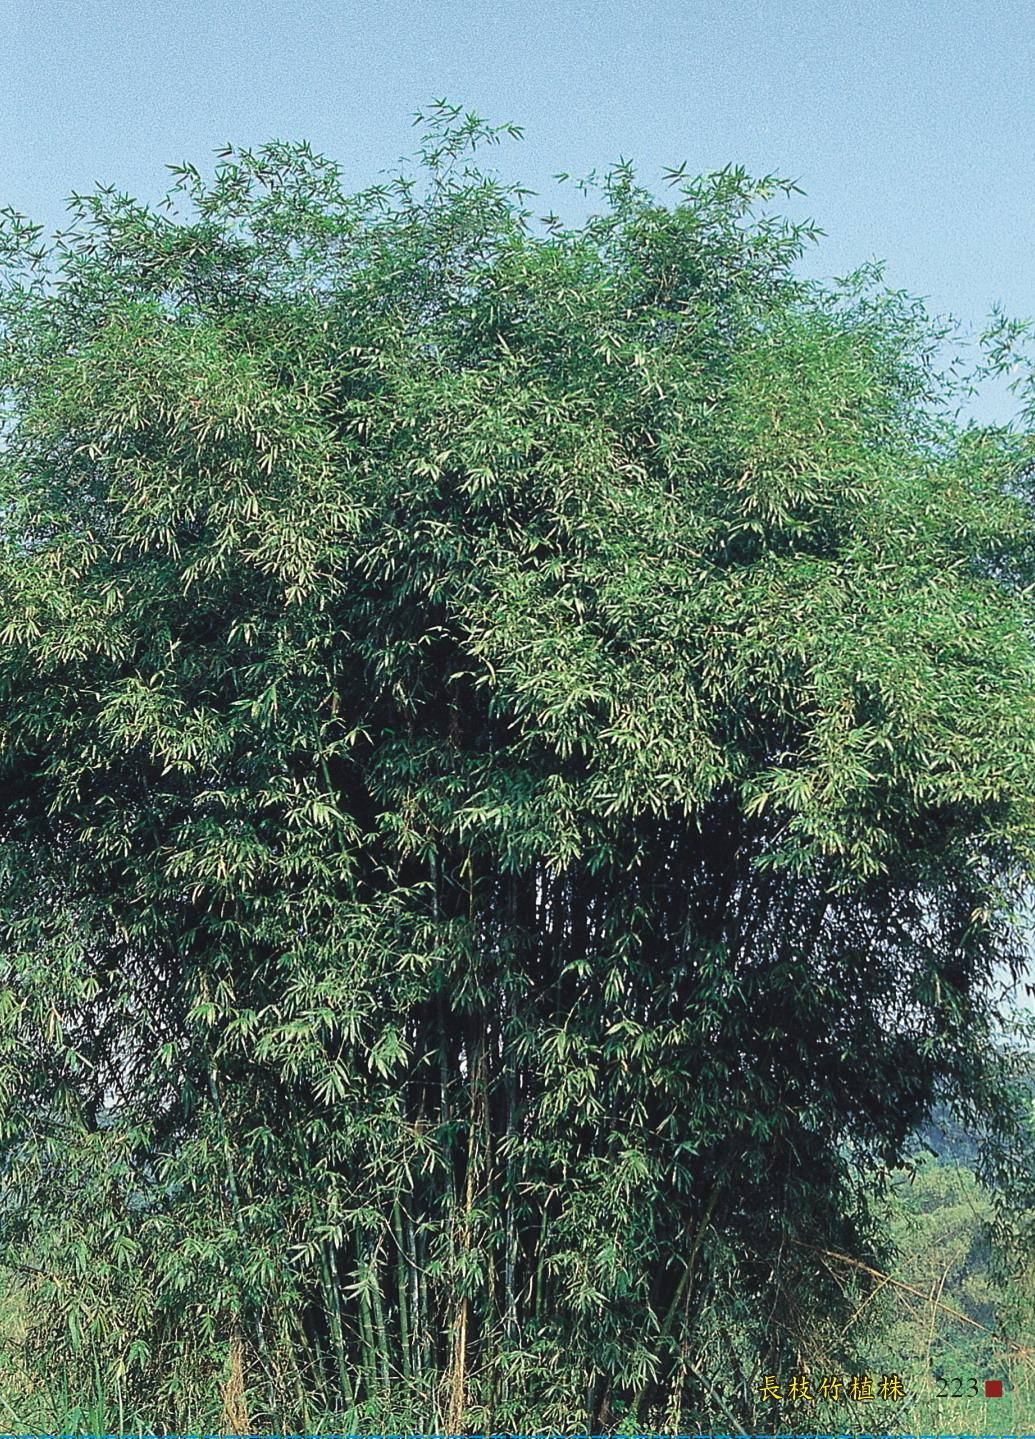 長枝竹植株